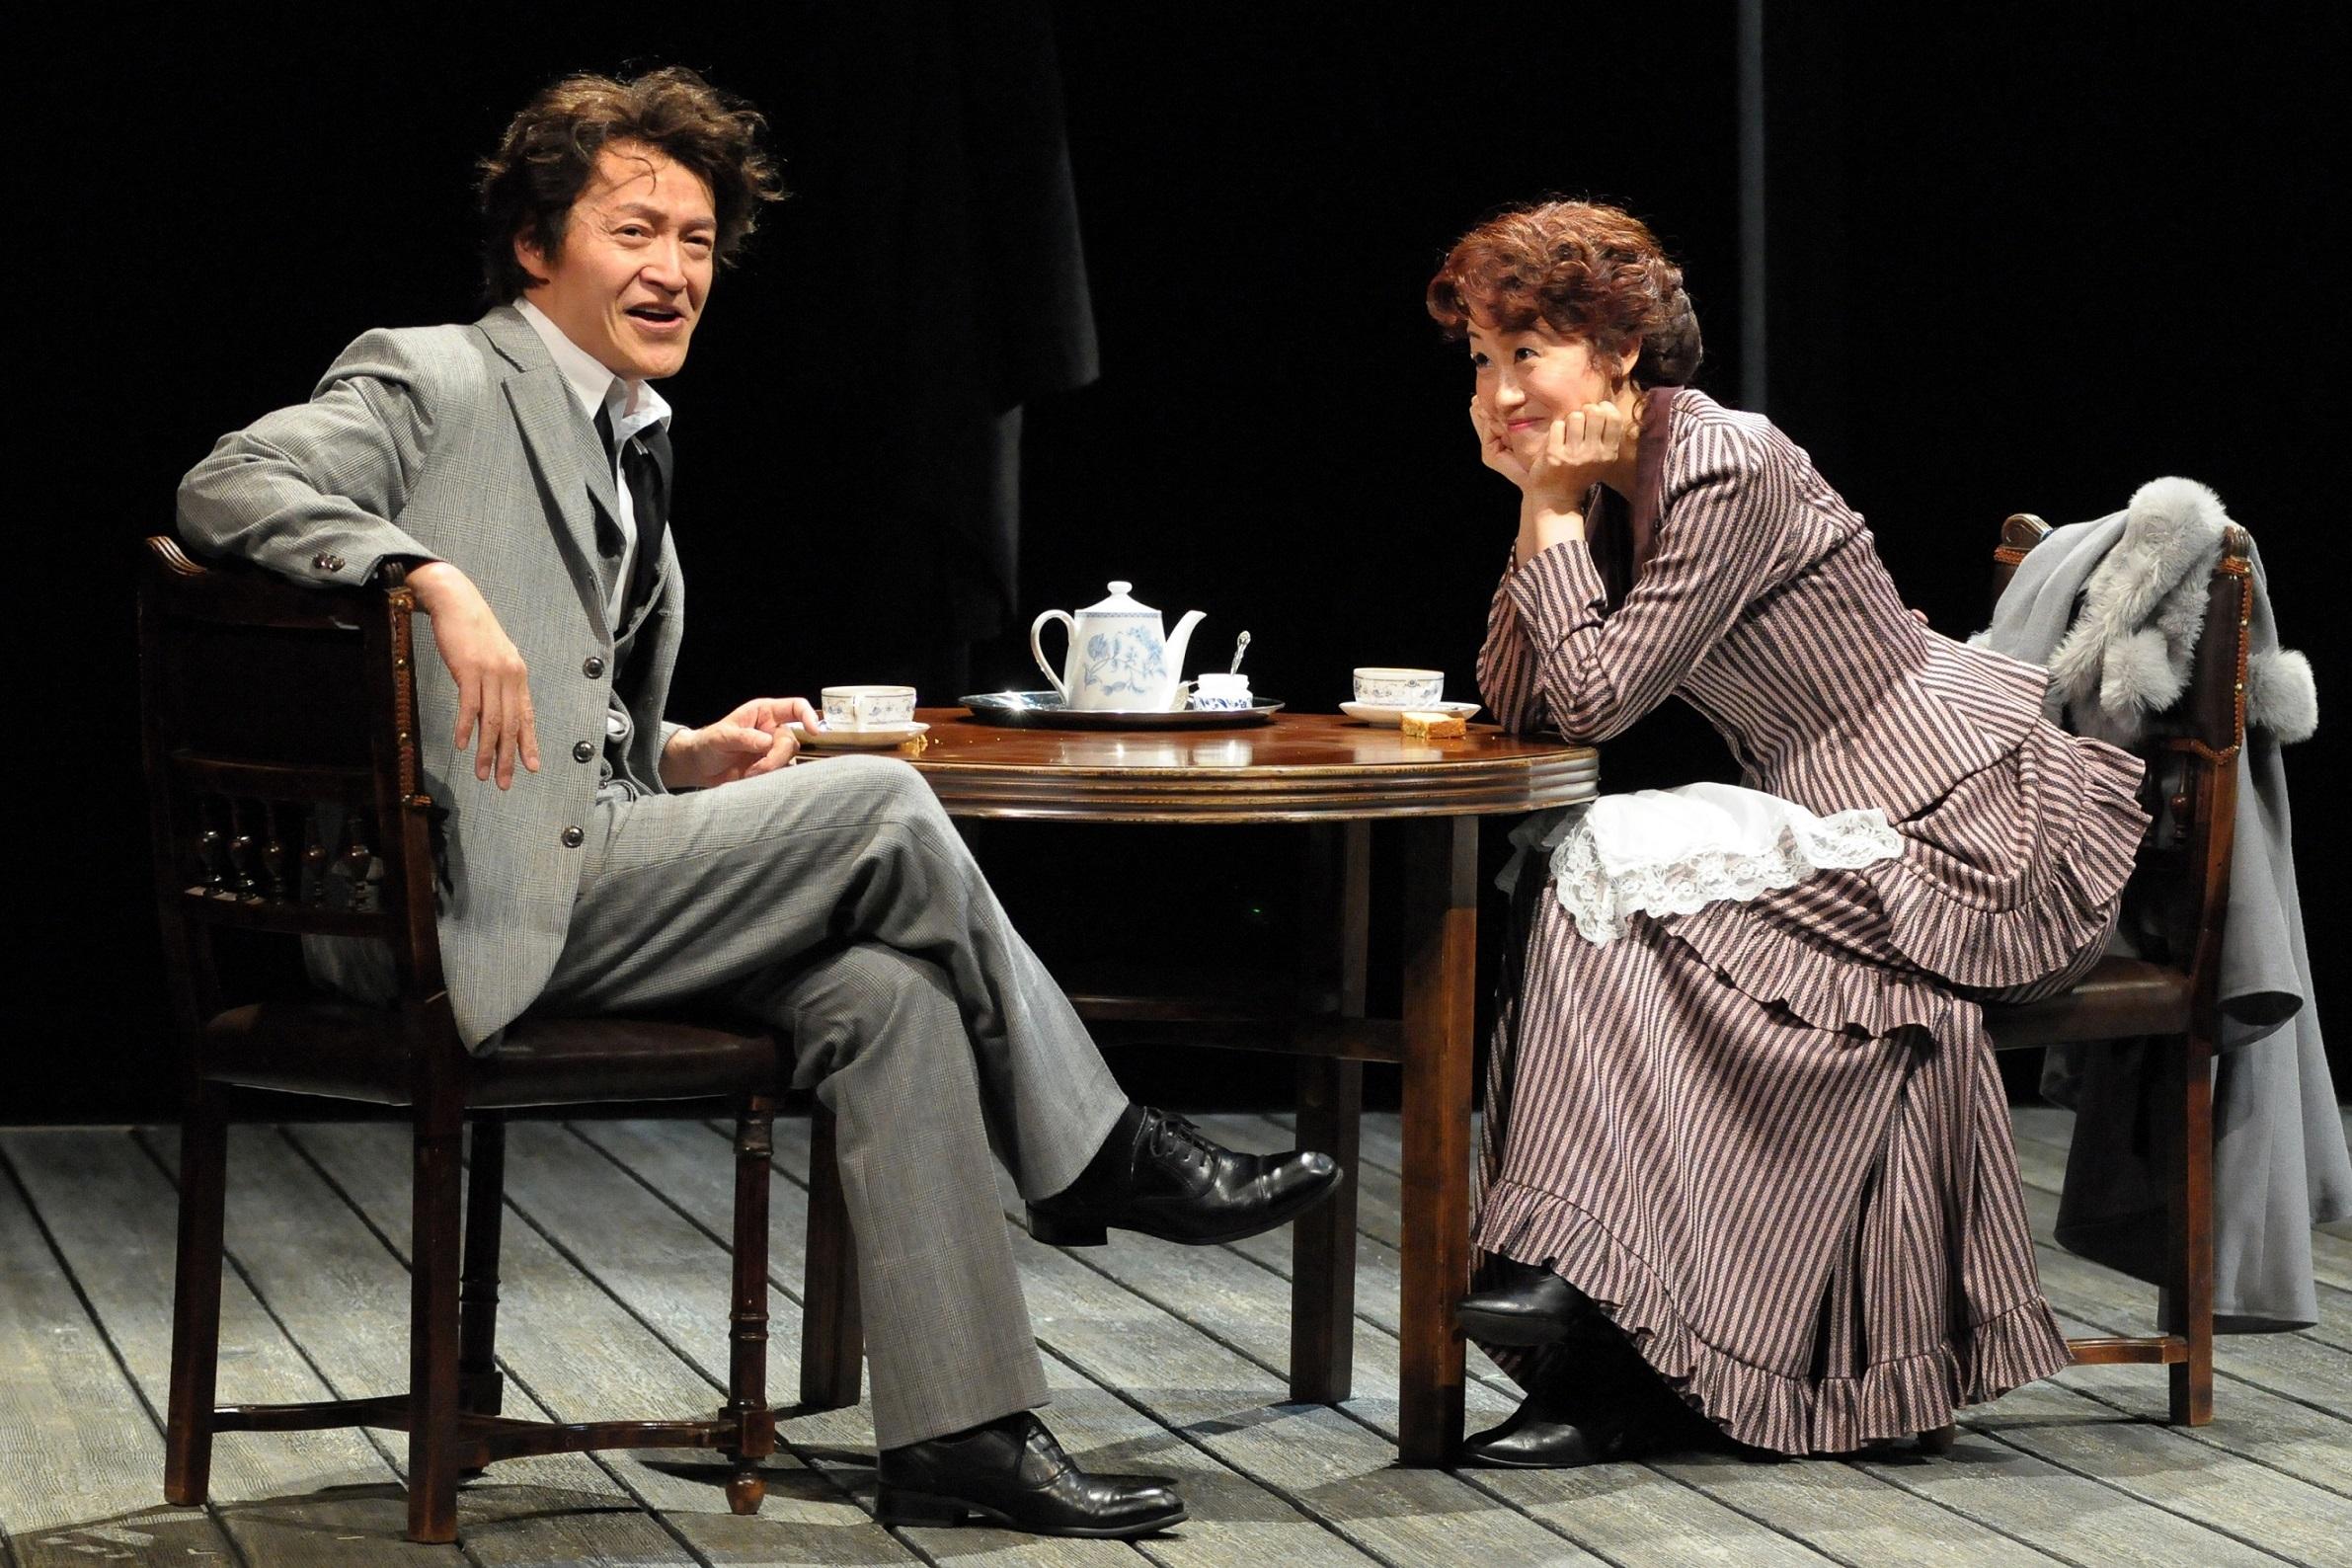 青年座公演『わが兄の弟』安ホテルの一室。左から、アントン(横堀悦夫)とニーナ(安藤瞳)。 撮影/坂本正郁